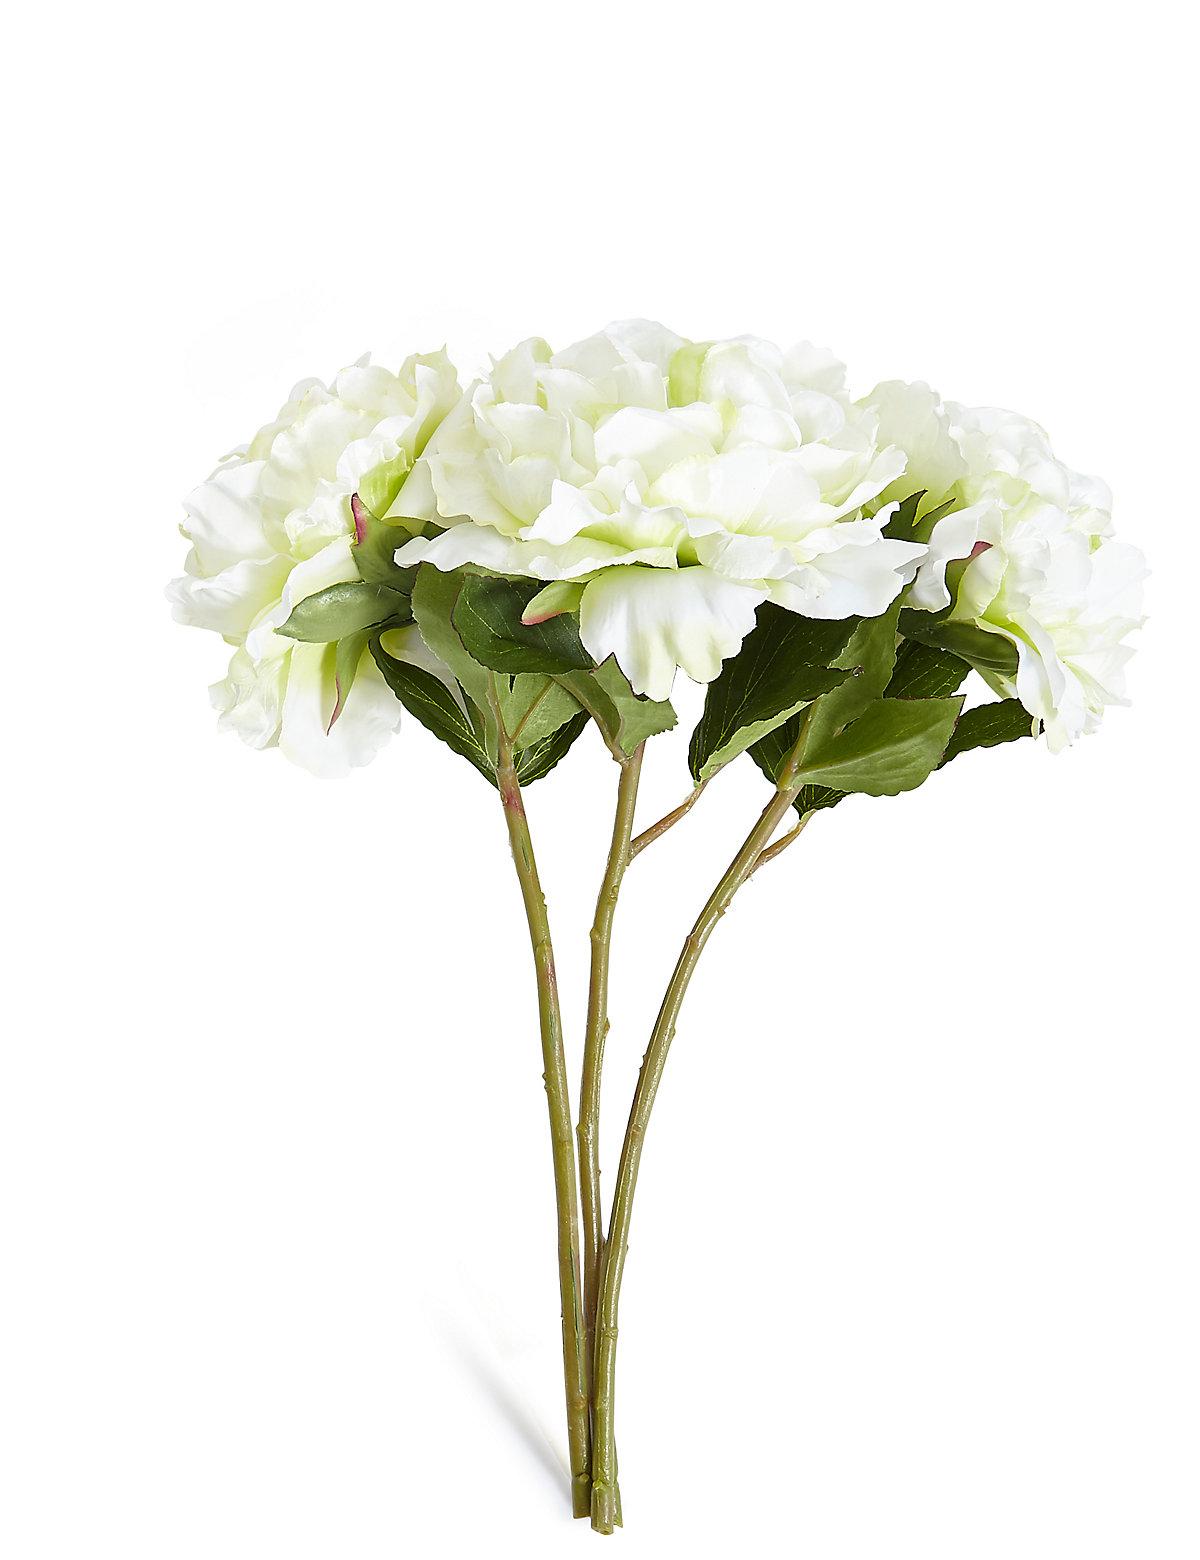 Single Stem Artificial Flowers Plants